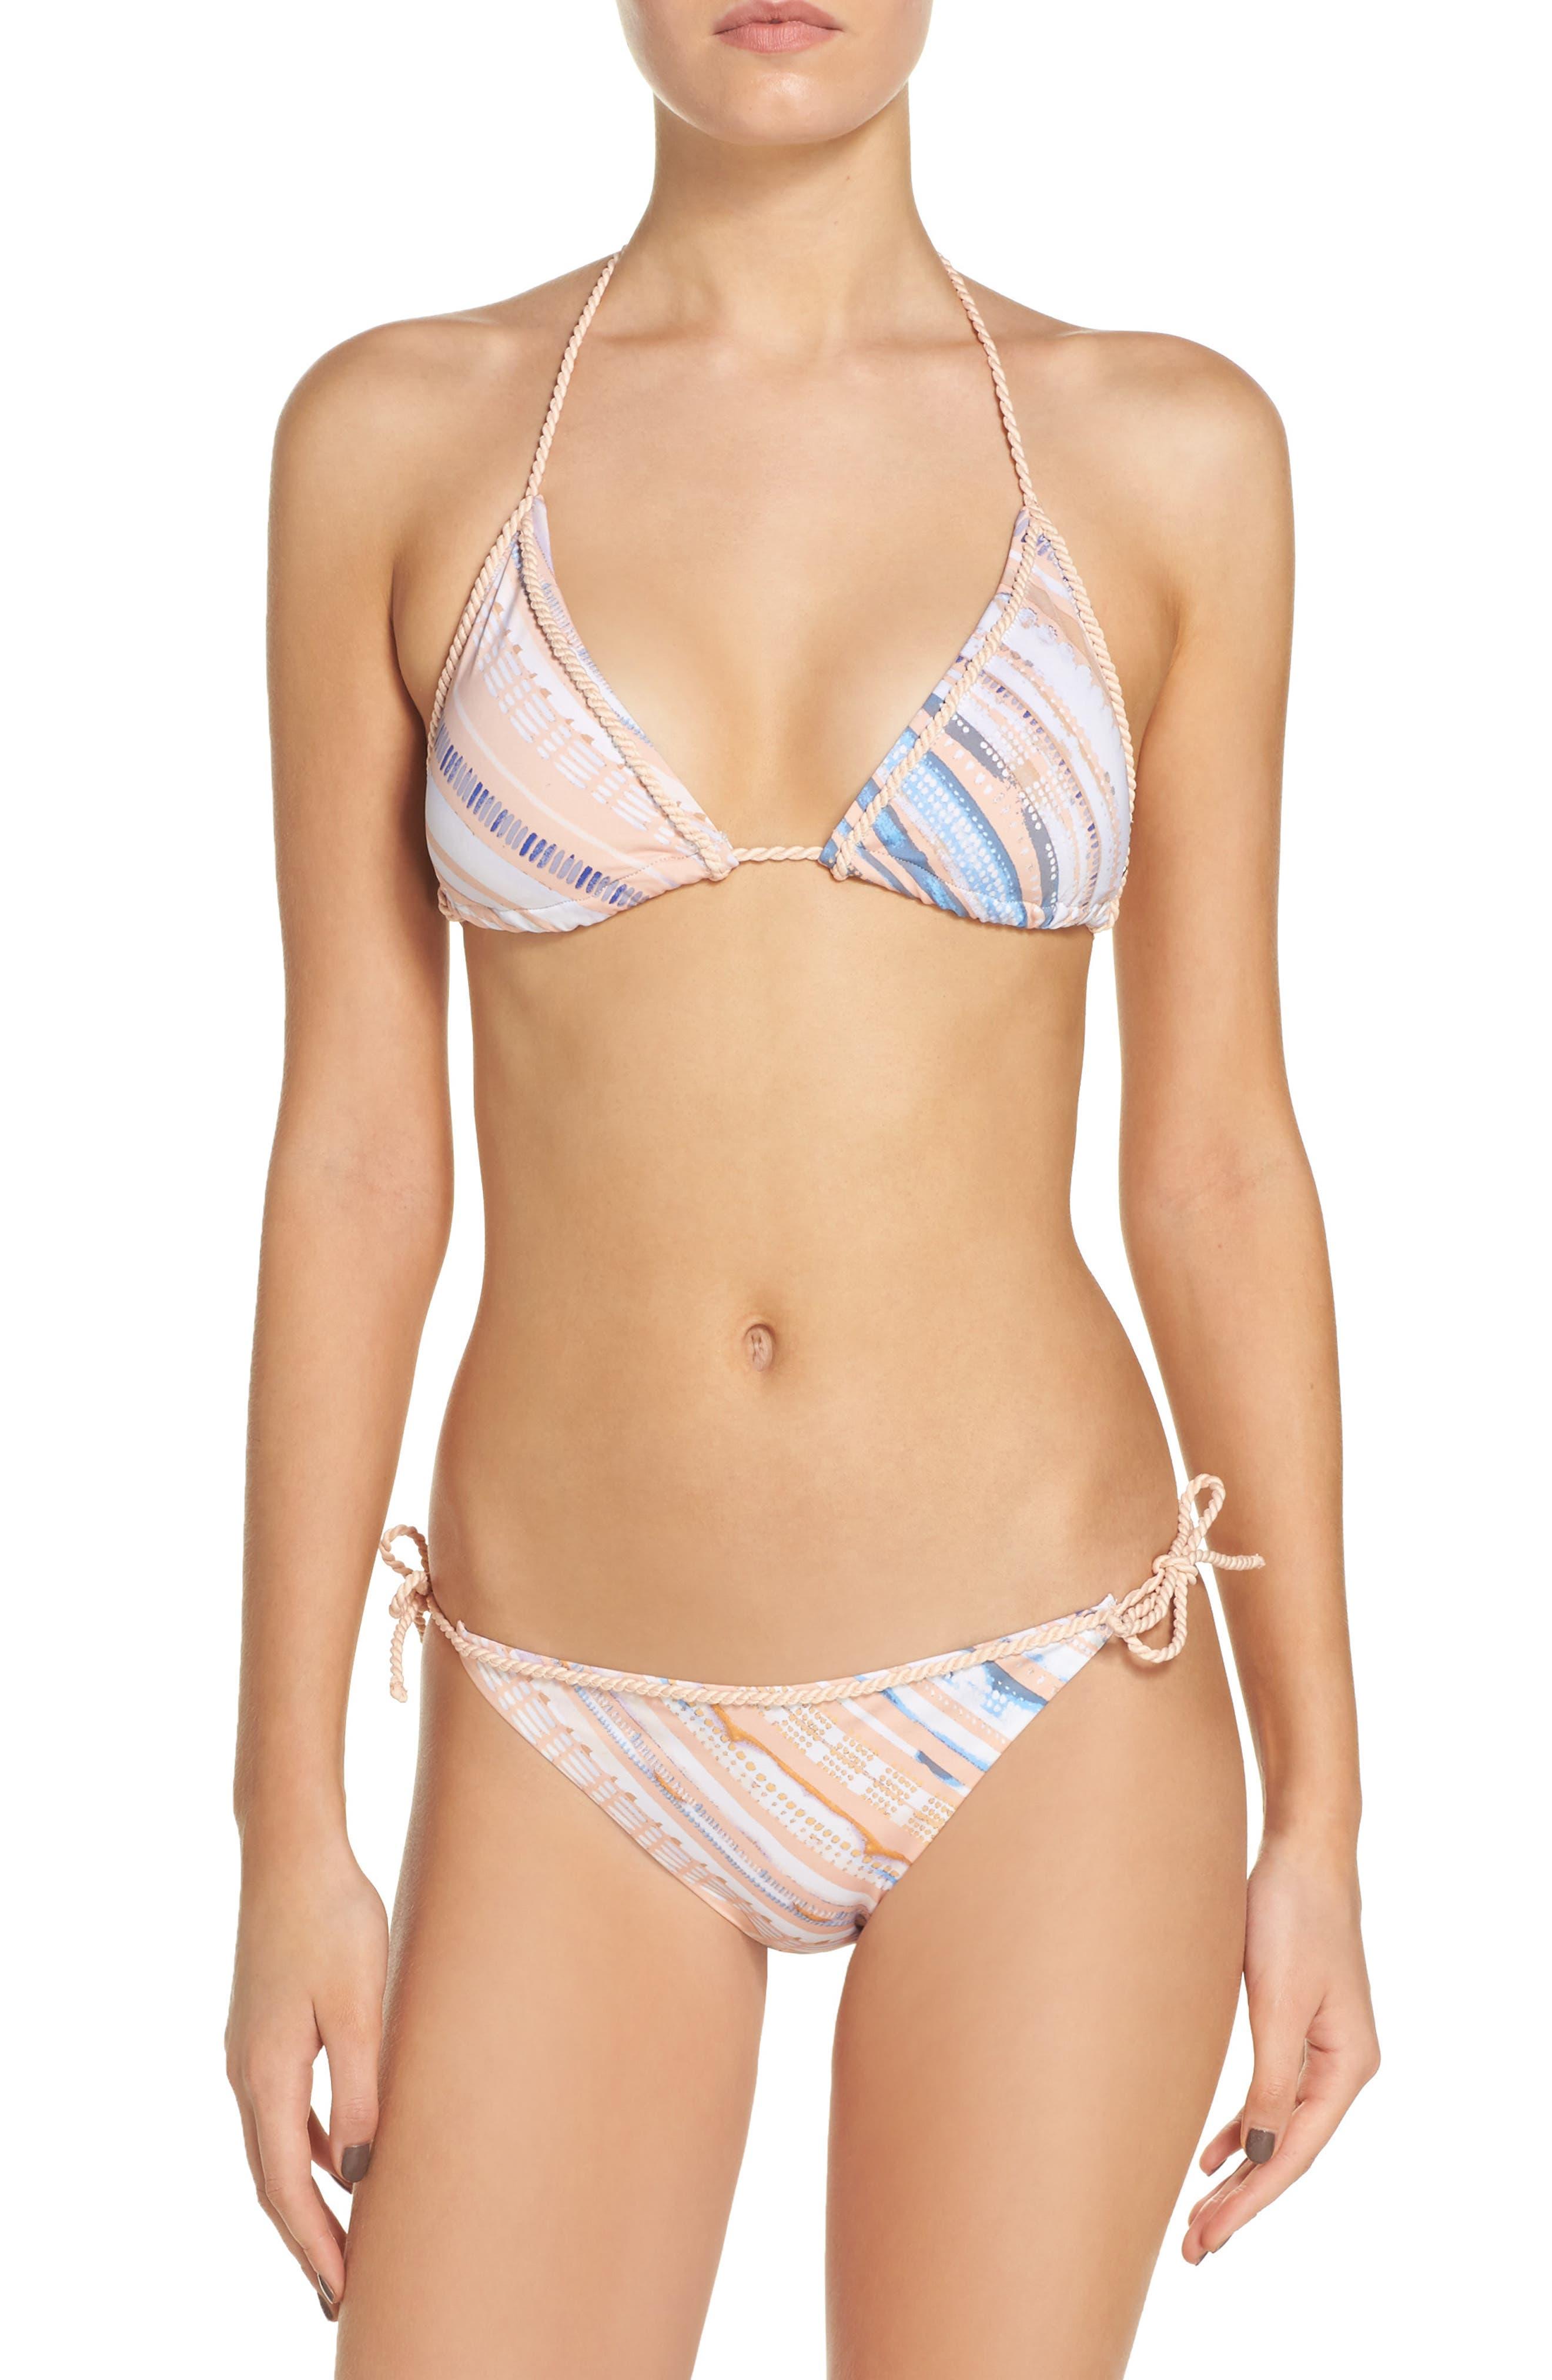 Dolce Vita Bikini Top & Bottoms